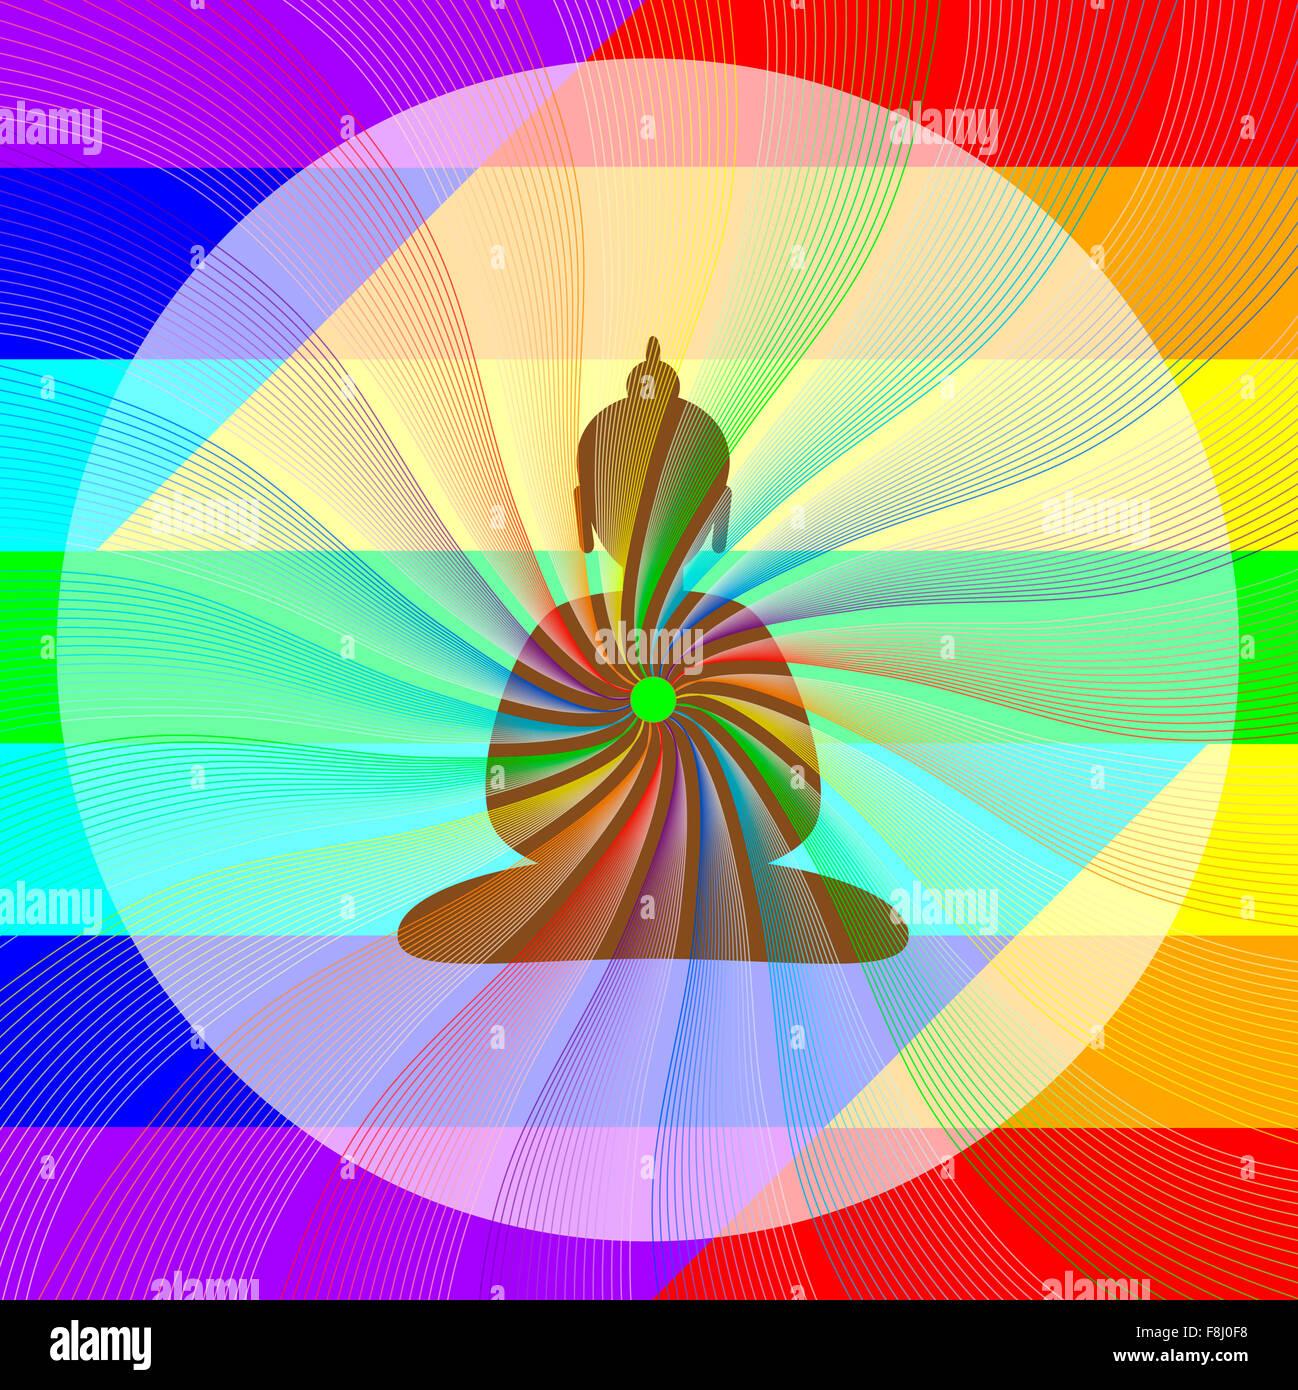 Bouddha en méditation avec vagues arc-en-ciel de son cœur Banque D'Images